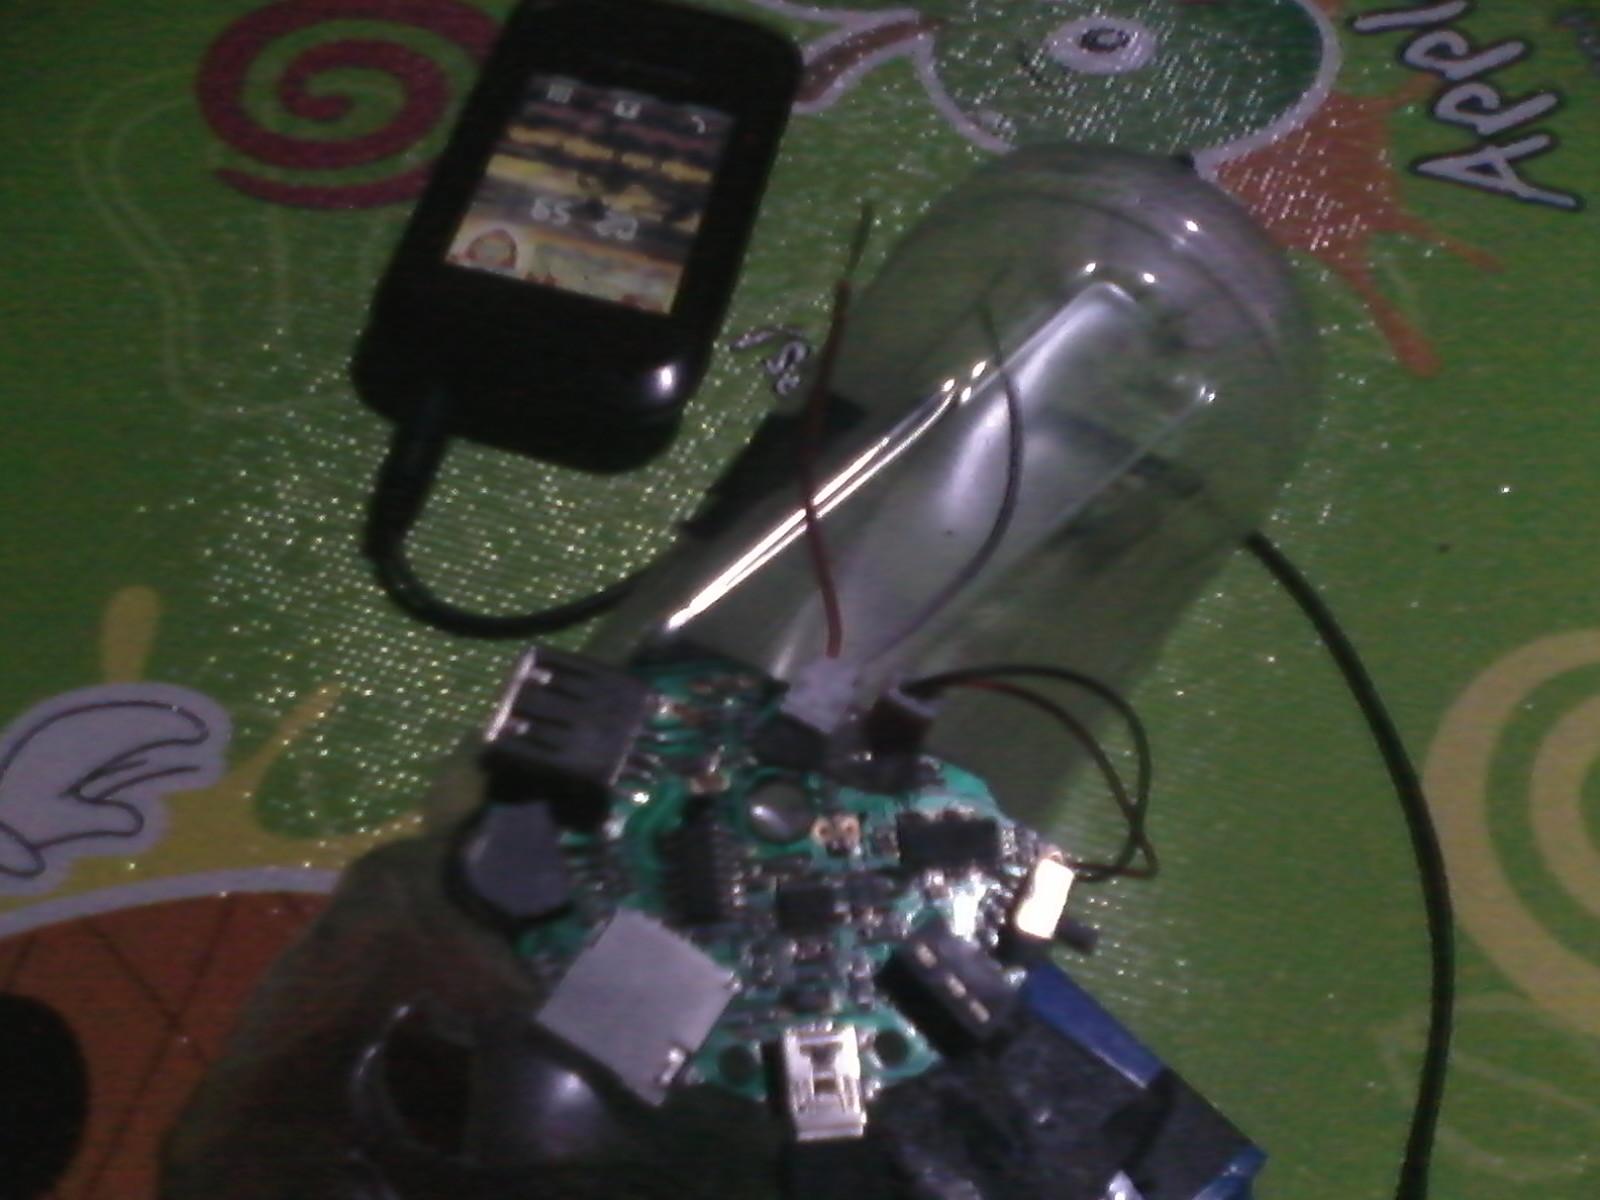 Trik Modifikasi Speaker Kaleng Minuman | Surga Internet Blog